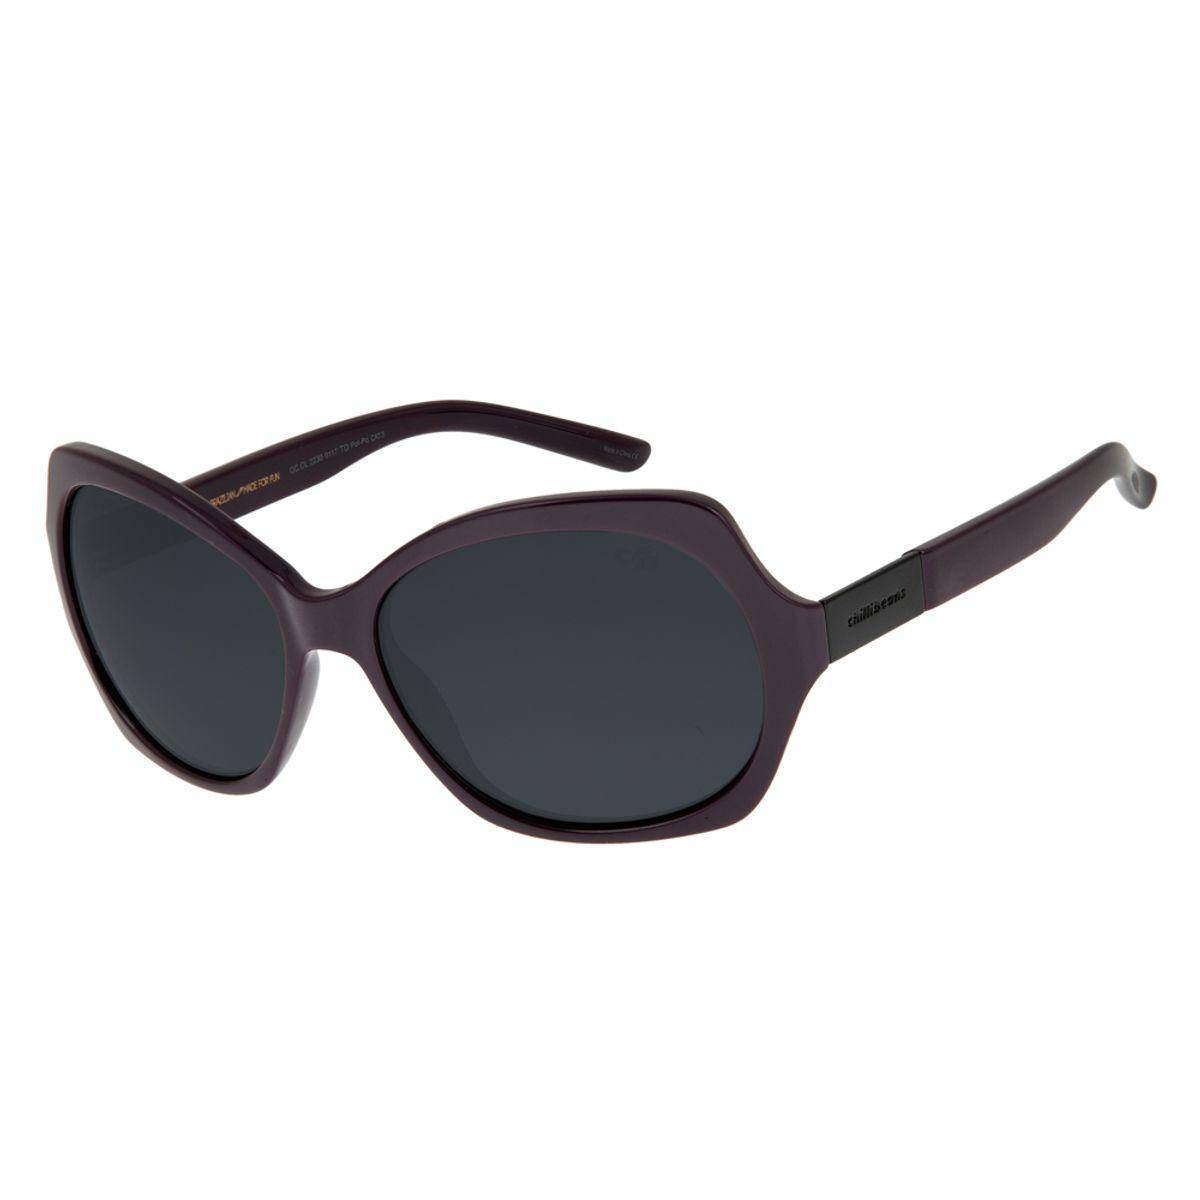 9393da747 Óculos de Sol Chilli Beans Feminino Quadrado Vinho Polarizado 0117 -  OC.CL.2230.0117. REF: OC.CL.2230.0117. OC.